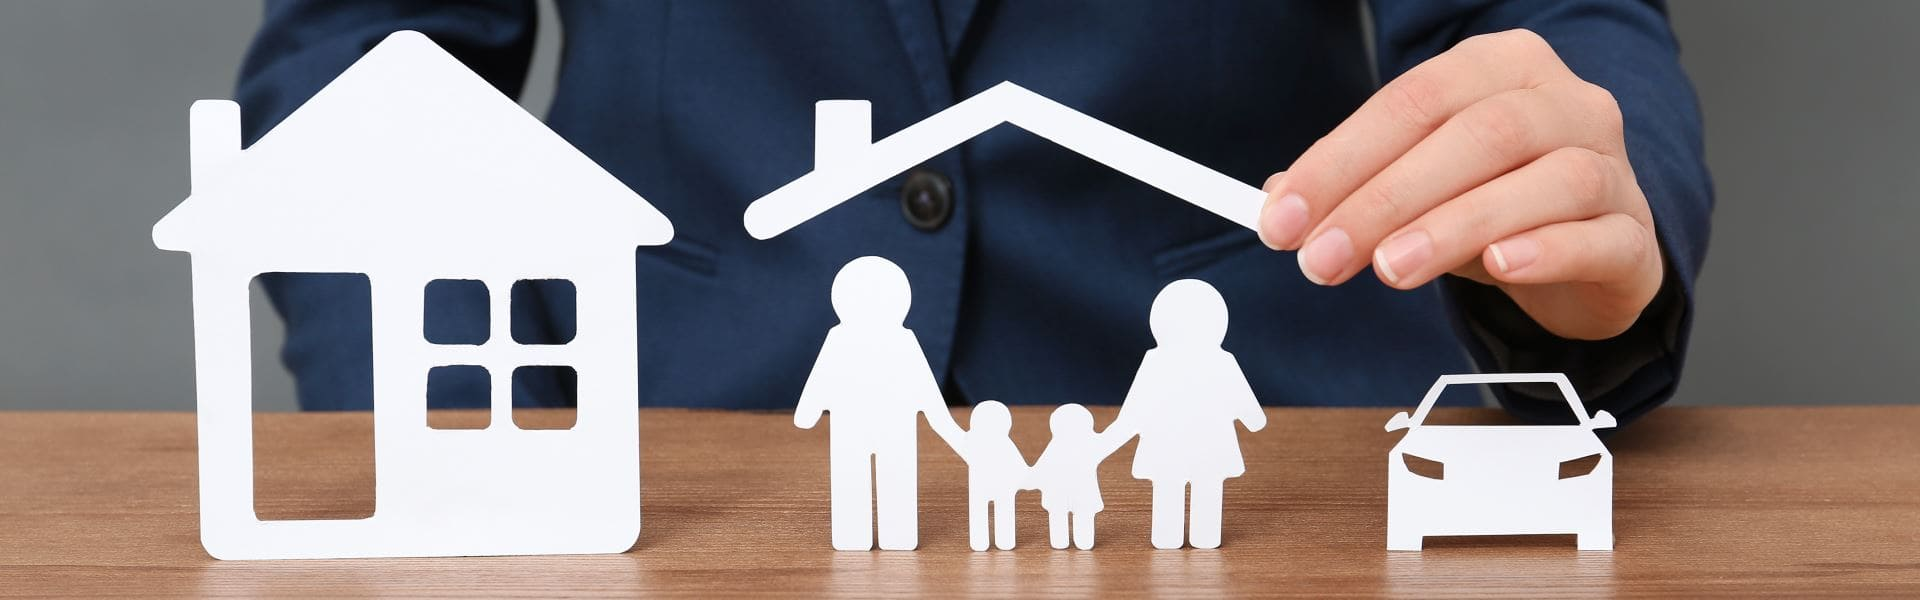 Как обезопасить свои деньги на покупку жилья: какова стоимость титульного страхования квартиры и что это такое?